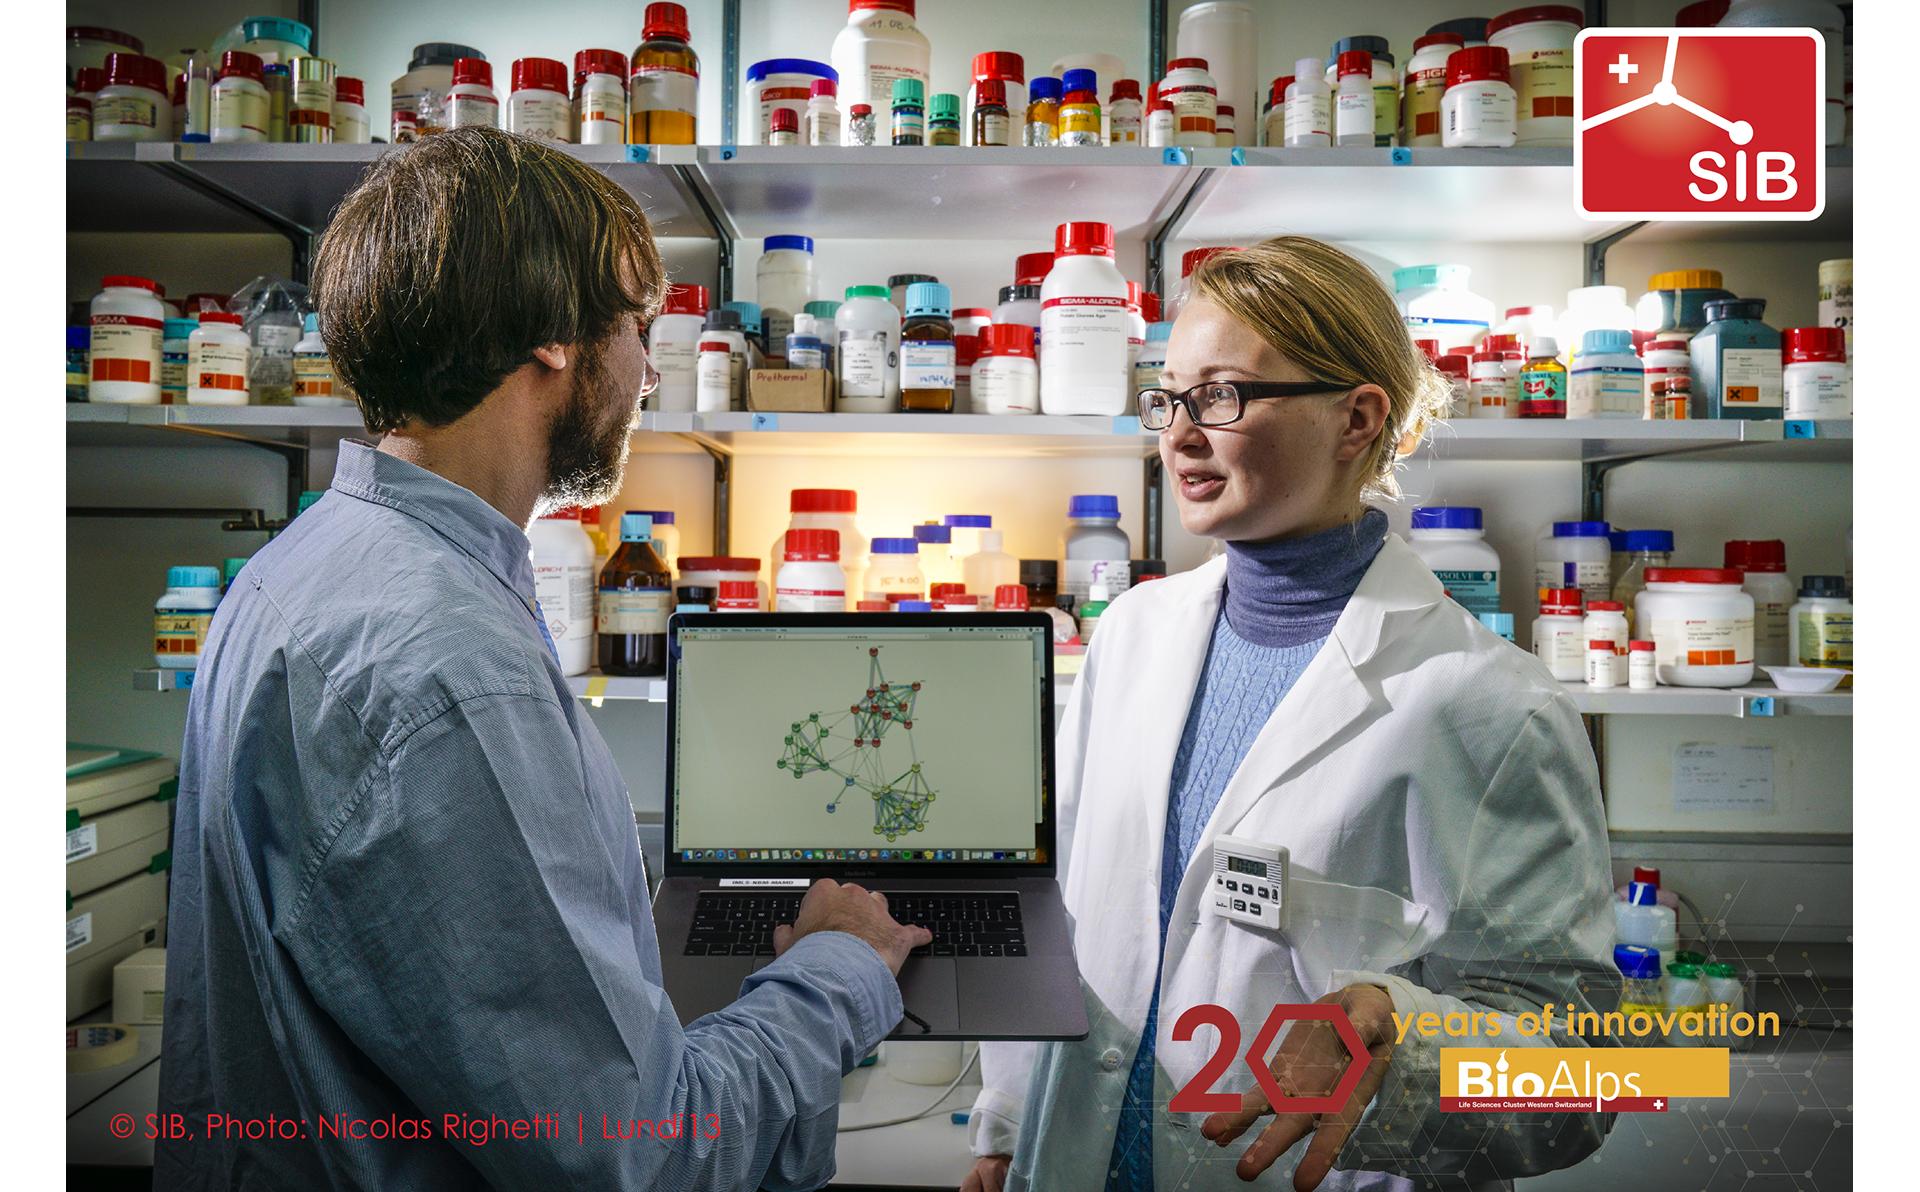 SIB Swiss Institute of Bioinformatics